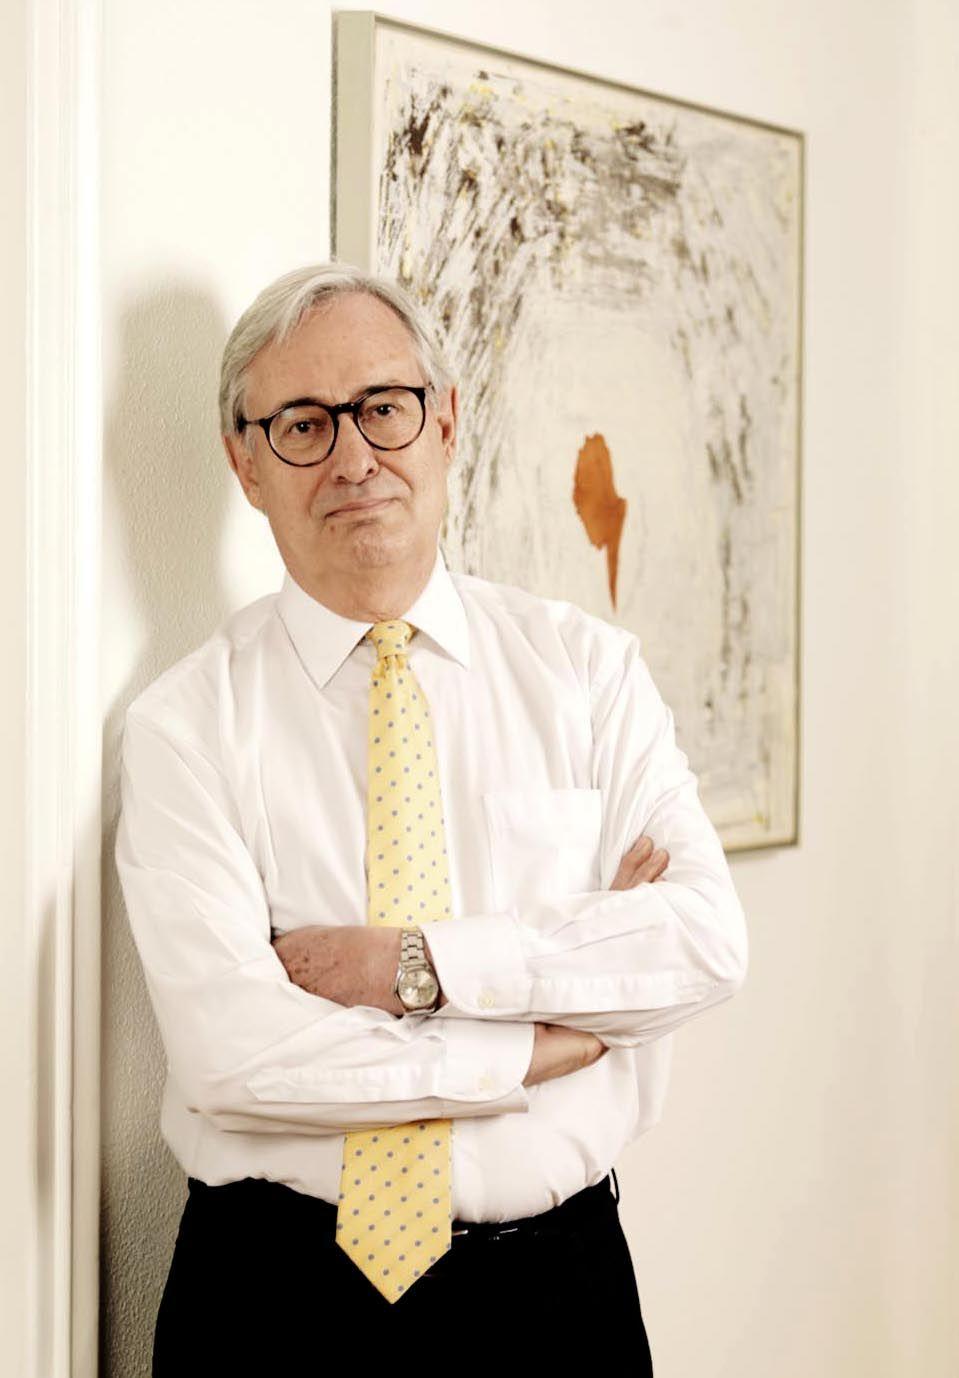 Antonio Garriges Walker y Luis Solana Premios Jean Bapstite Say a la Excelencia Empresarial a la trayectoria profesional